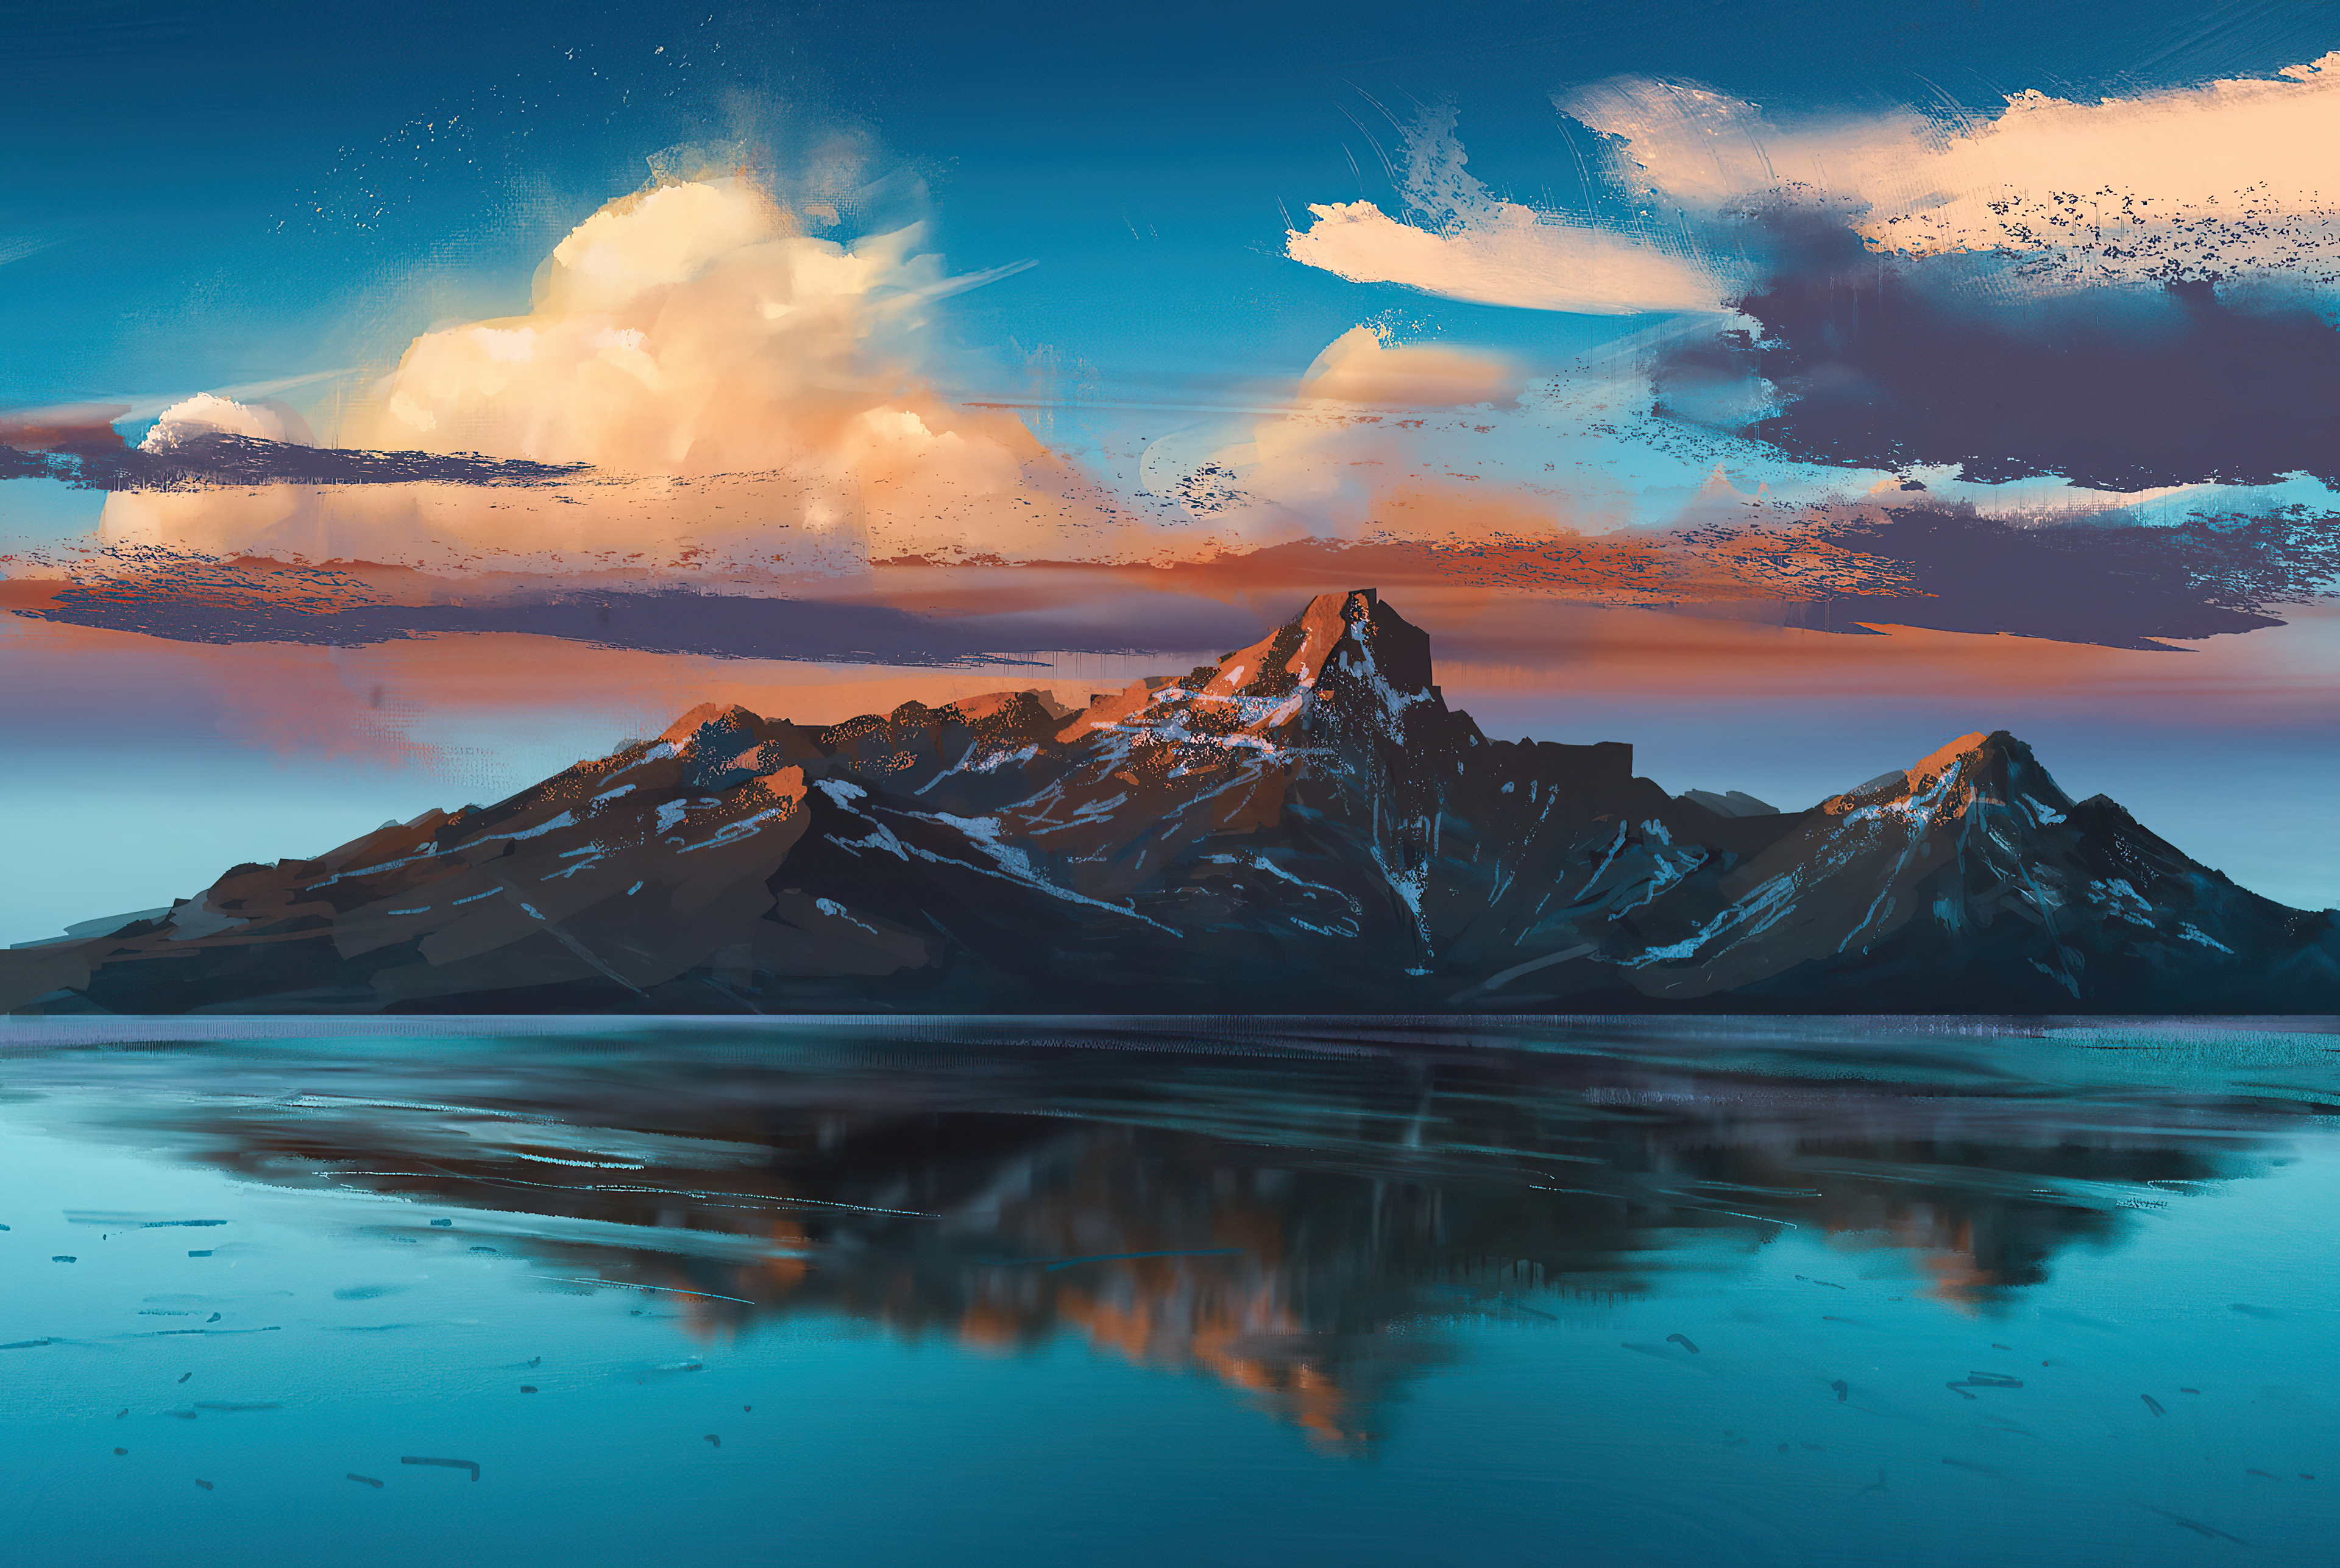 Fondos de pantalla Ilustración de Montaña en lago al amanecer